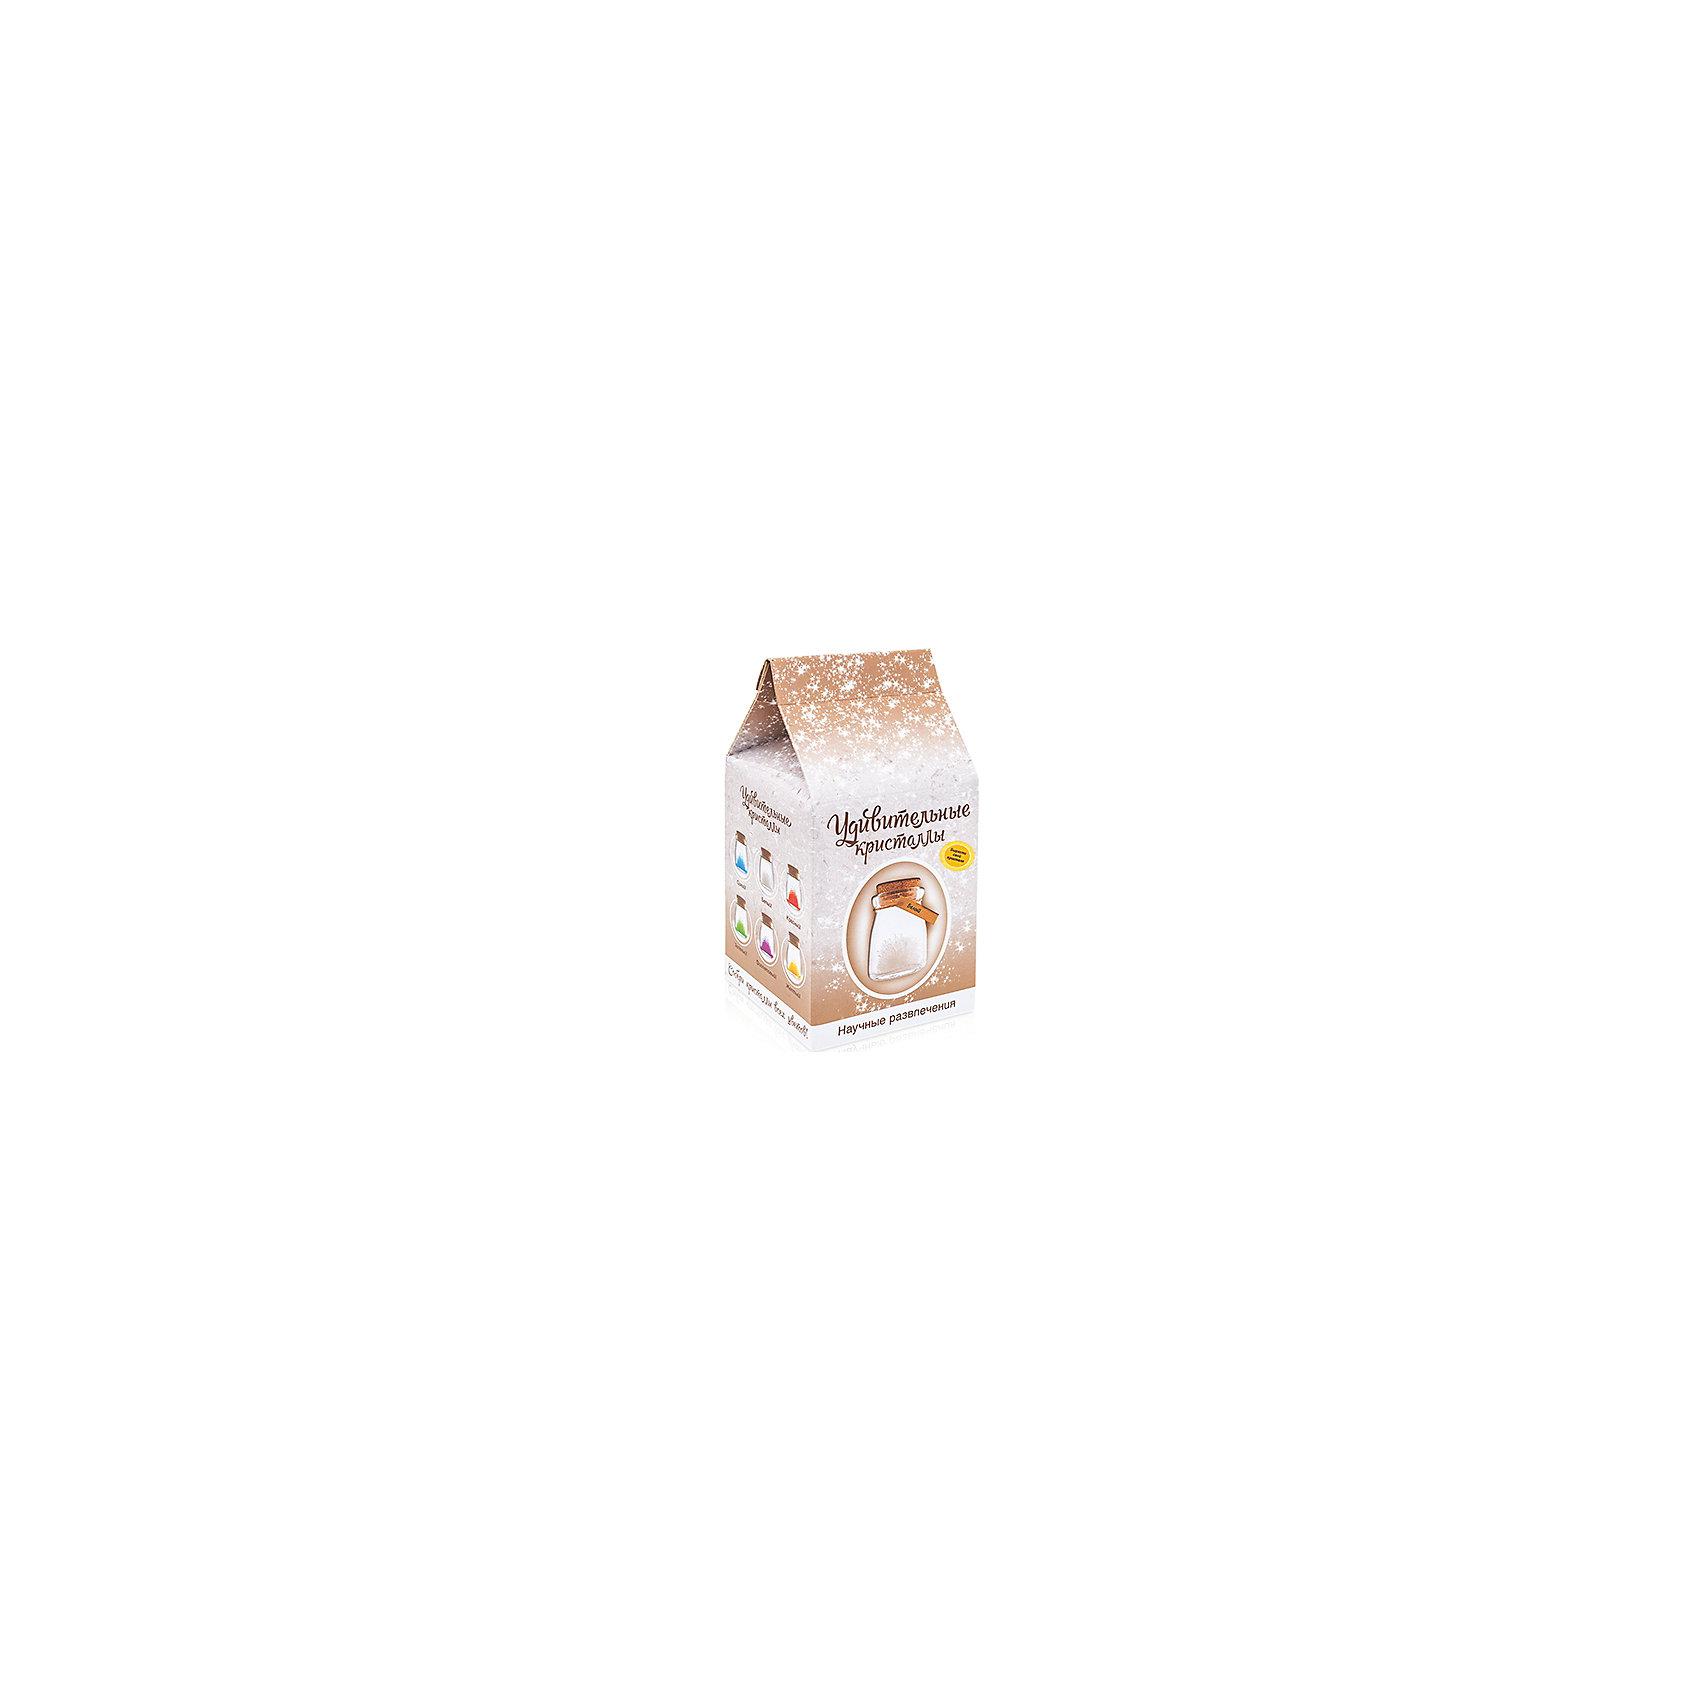 Набор для выращивания кристаллов Удивительный кристалл - Белый БумбарамУдивительный кристалл - Белый, Бумбарам<br><br>Характеристики:<br><br>• прост в использовании<br>• пошаговая инструкция<br>• безопасные материалы<br>• привлекательная упаковка <br>• можно следить за процессом<br>• в наборе: баночка, кристаллический порошок, кристаллическая таблетка, палочка, веревочка, пробка, карточка, инструкция<br>• размер упаковки: 15х8 см<br>• вес: 250 грамм<br>• цвет: синий<br><br>Удивительный кристалл - набор для творчества. Он хорошо развивает усидчивость и внимательность. С его помощью ребенок сможет сделать прекрасный подарок своими руками. Инструкция очень проста: нужно налить воды в баночку, добавить в нее порошок и тщательно перемешать. Затем положить волшебную таблетку и закрыть баночку крышкой. Через несколько часов можно снять крышку. Через 14-20 дней волшебный кристалл готов! Готовая композиция особенно красиво смотрится под лампой. Удивительный кристалл - прекрасный выбор для начинающего алхимика!<br><br>Удивительный кристалл - Белый, Бумбарам вы можете приобрести в нашем интернет-магазине.<br><br>Ширина мм: 75<br>Глубина мм: 75<br>Высота мм: 150<br>Вес г: 250<br>Возраст от месяцев: 168<br>Возраст до месяцев: 240<br>Пол: Унисекс<br>Возраст: Детский<br>SKU: 5053951